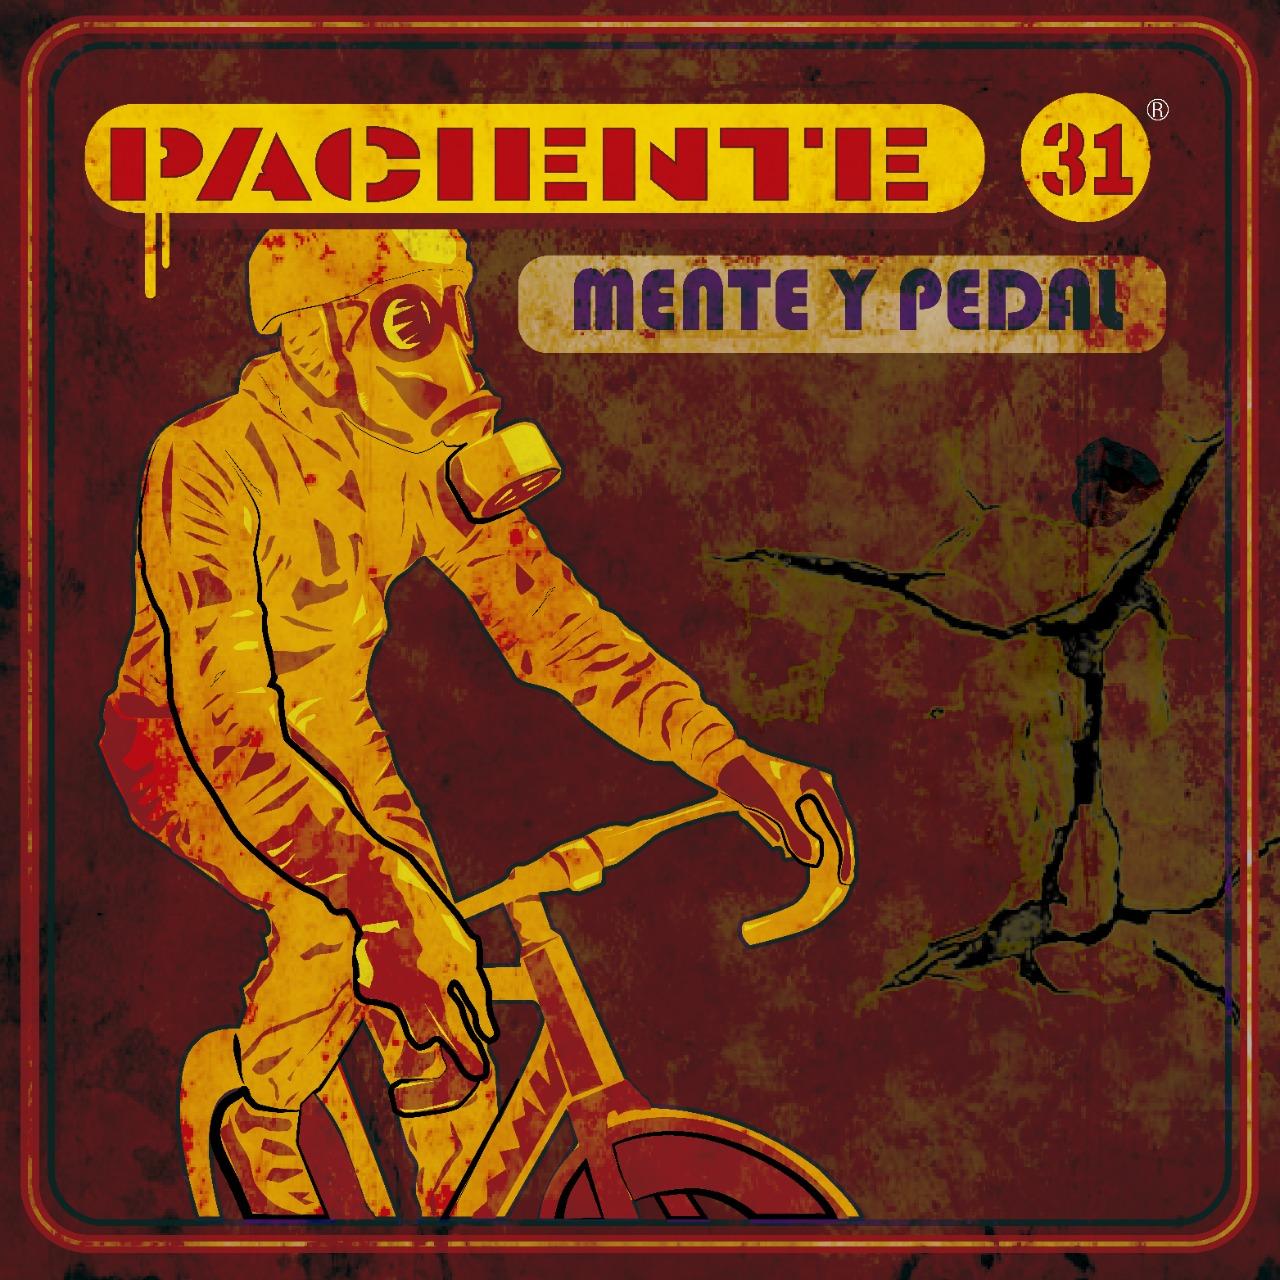 Paciente 31 - Mente y Pedal